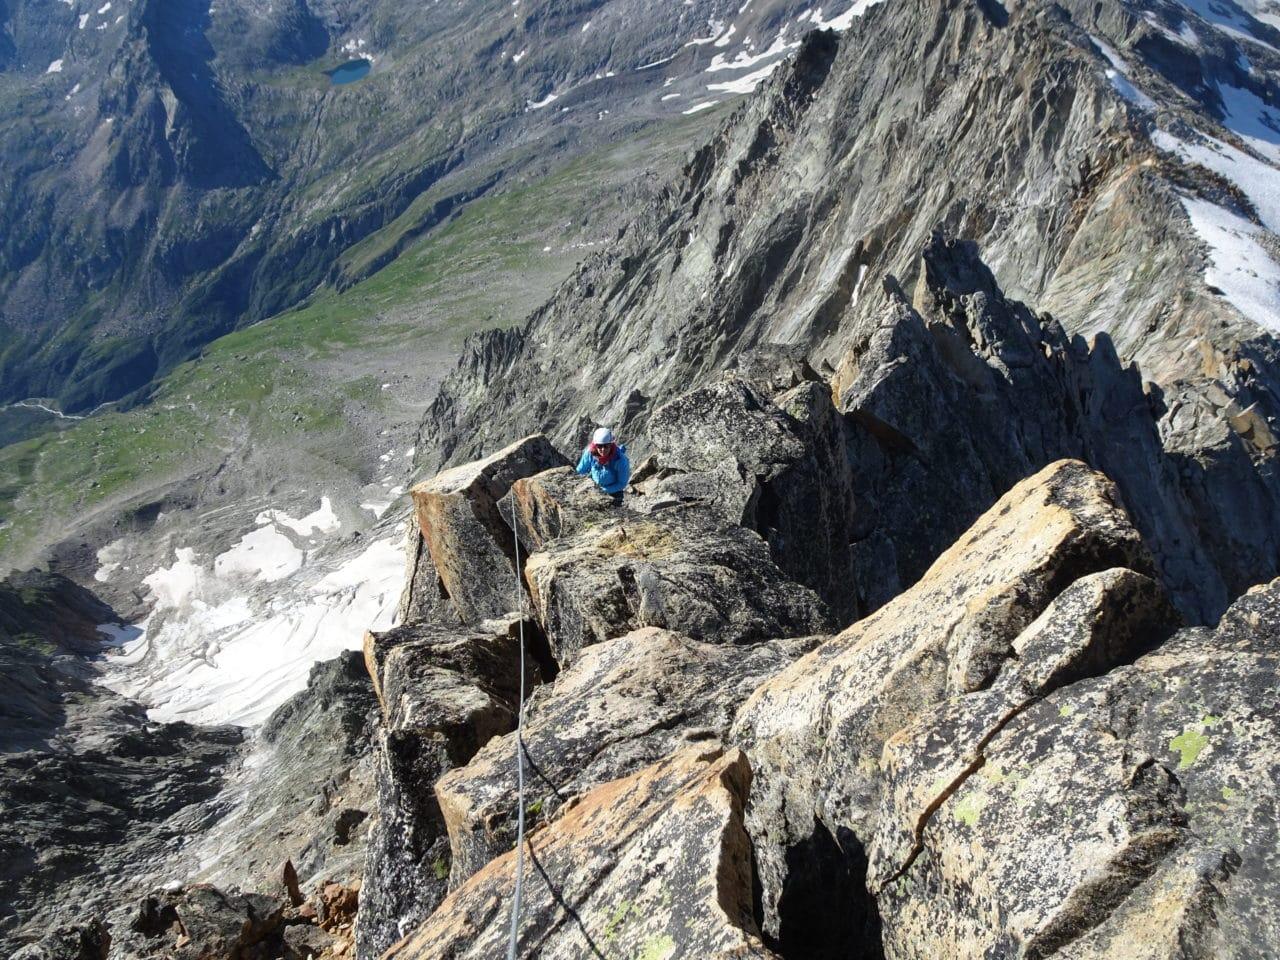 Le Portjengrat est souvent donné comme l'une des plus belles arête rocheuse la région de Saas. L'équipe d'Helyum traîne souvent ses crampons vers le Weissmies, sommet voisin du Portjengrat. Portjengrat ou Pizzo d'Andolla, cela dépend si vous lisez les cartes Suisses ou les cartes Italiennes.